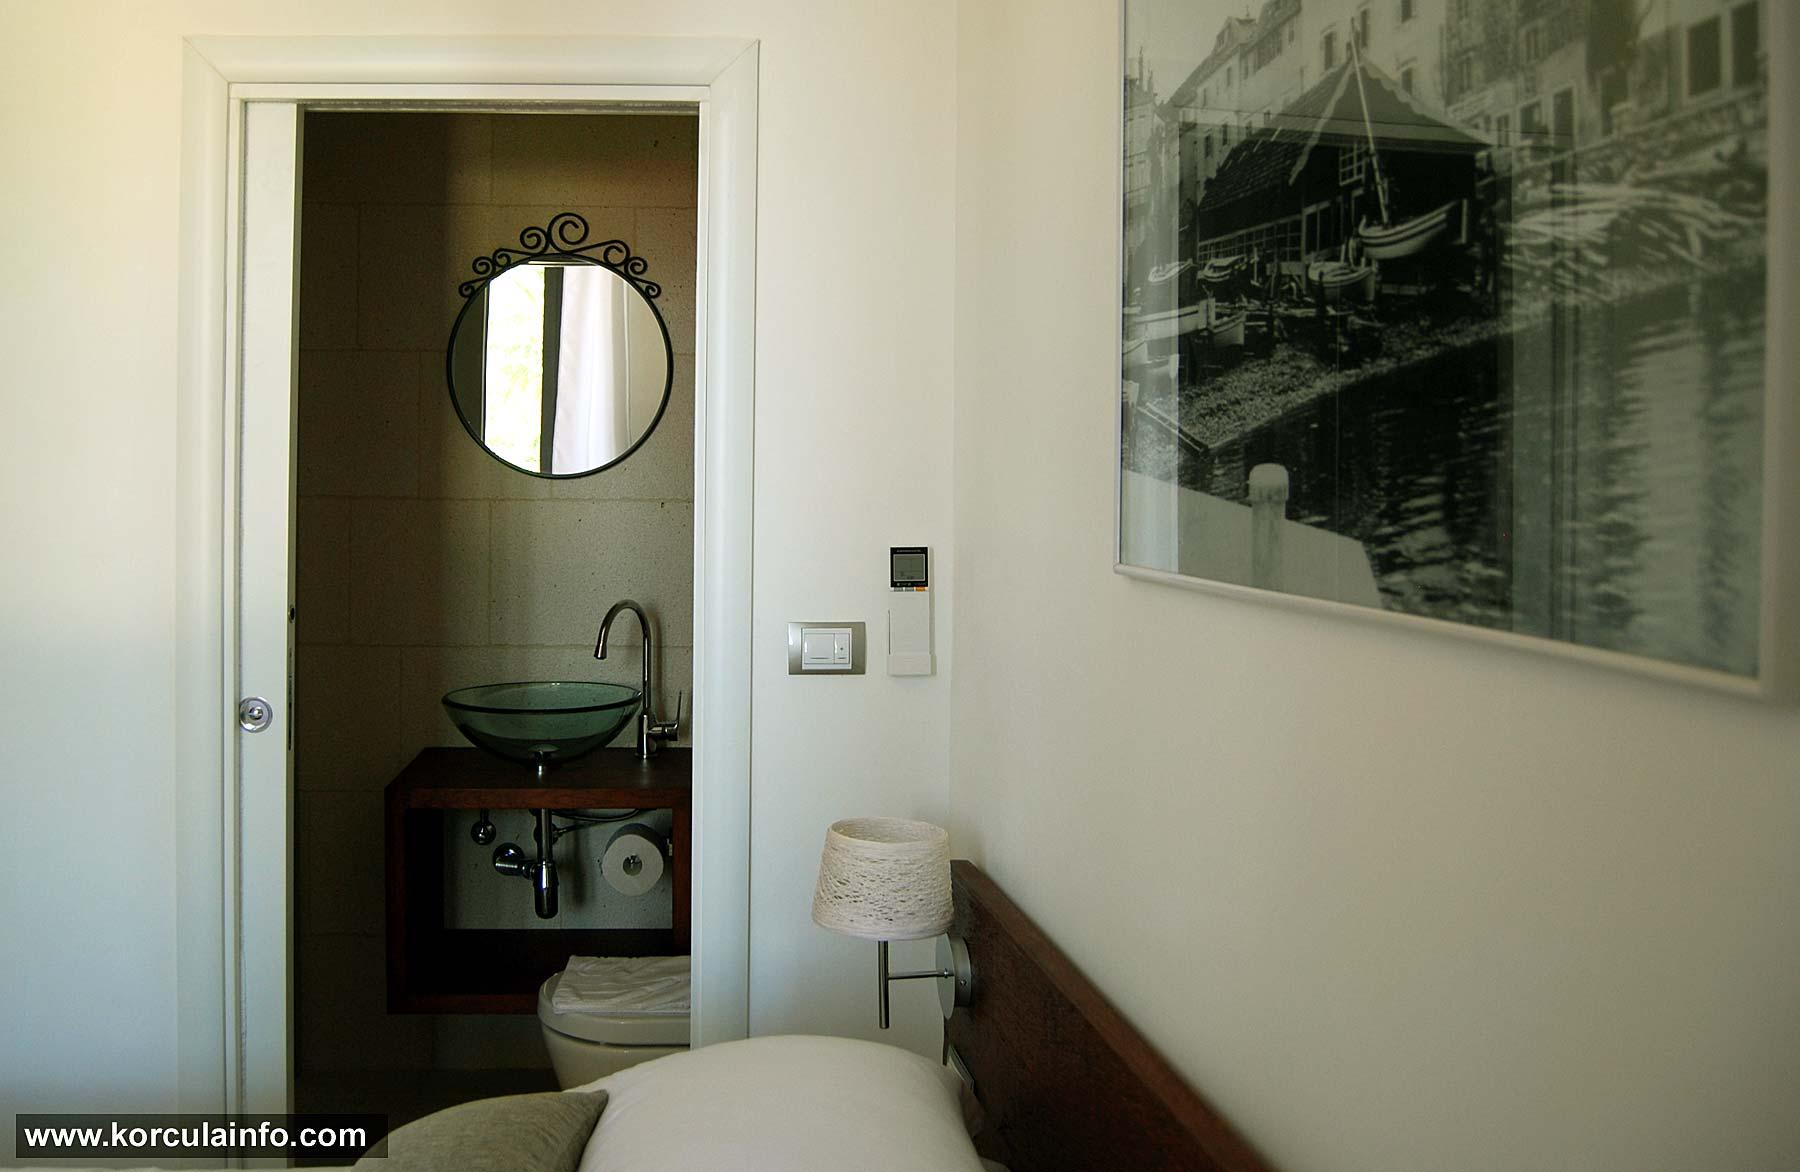 En suite bathroom -Double Room - Hotel Fabris, Korcula